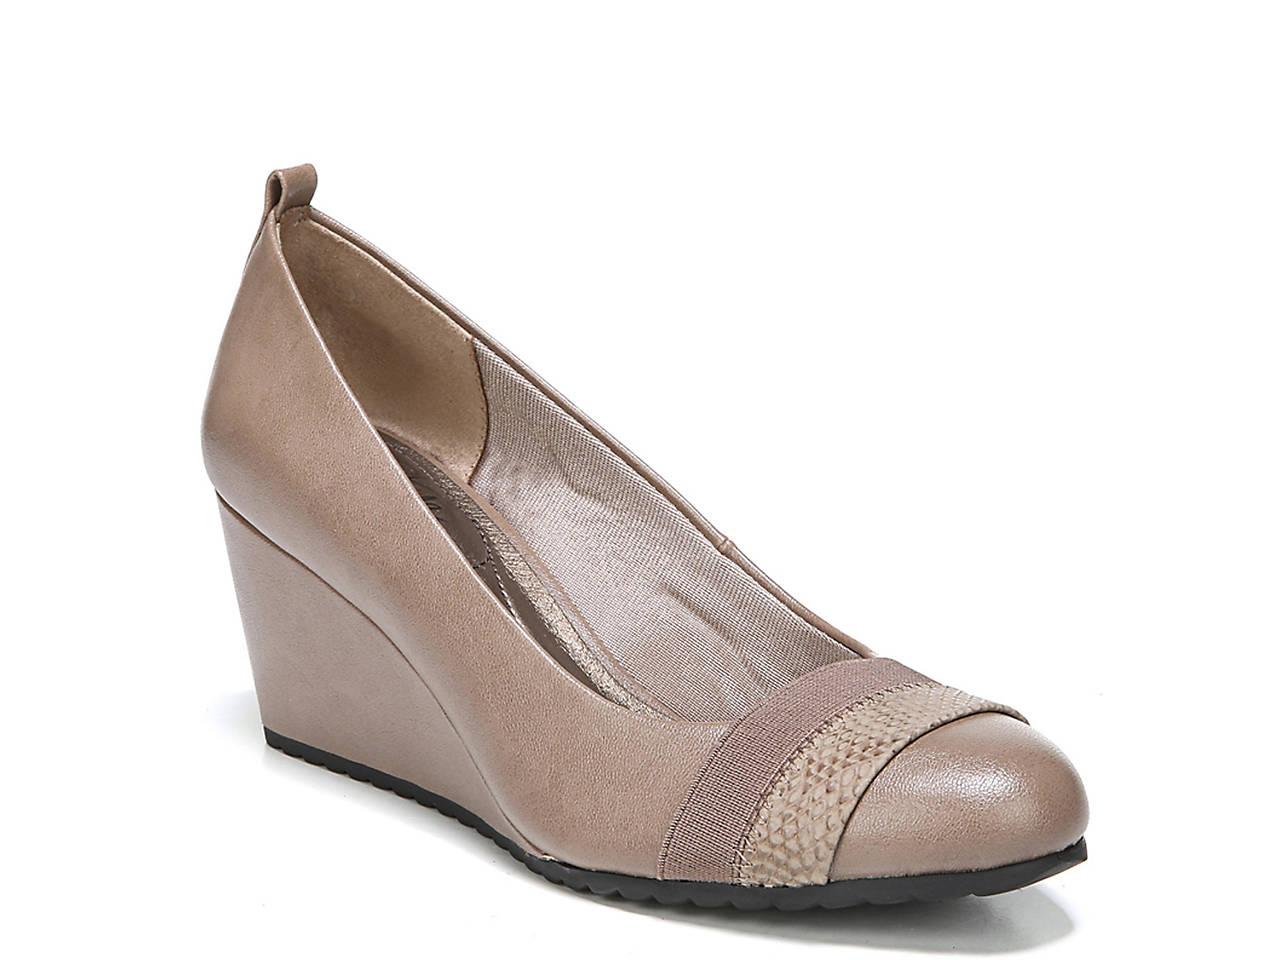 91d02fdec9d7 LifeStride Parigi Wedge Pump Men s Shoes